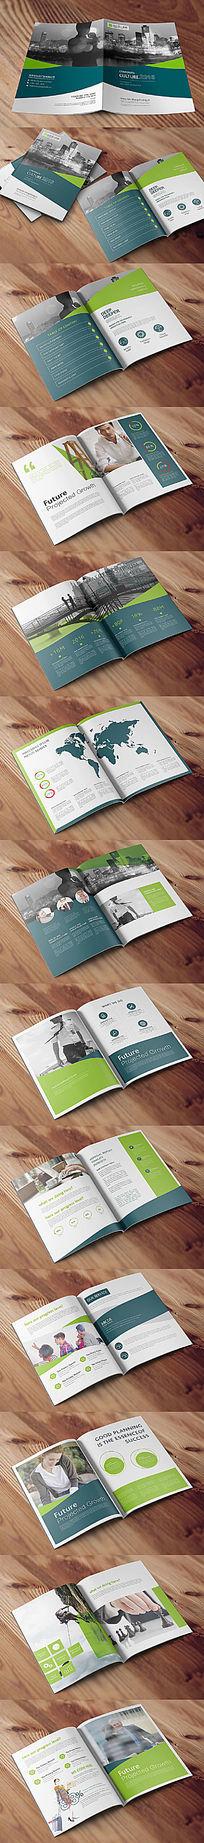 墨绿青绿色个性企业画册设计